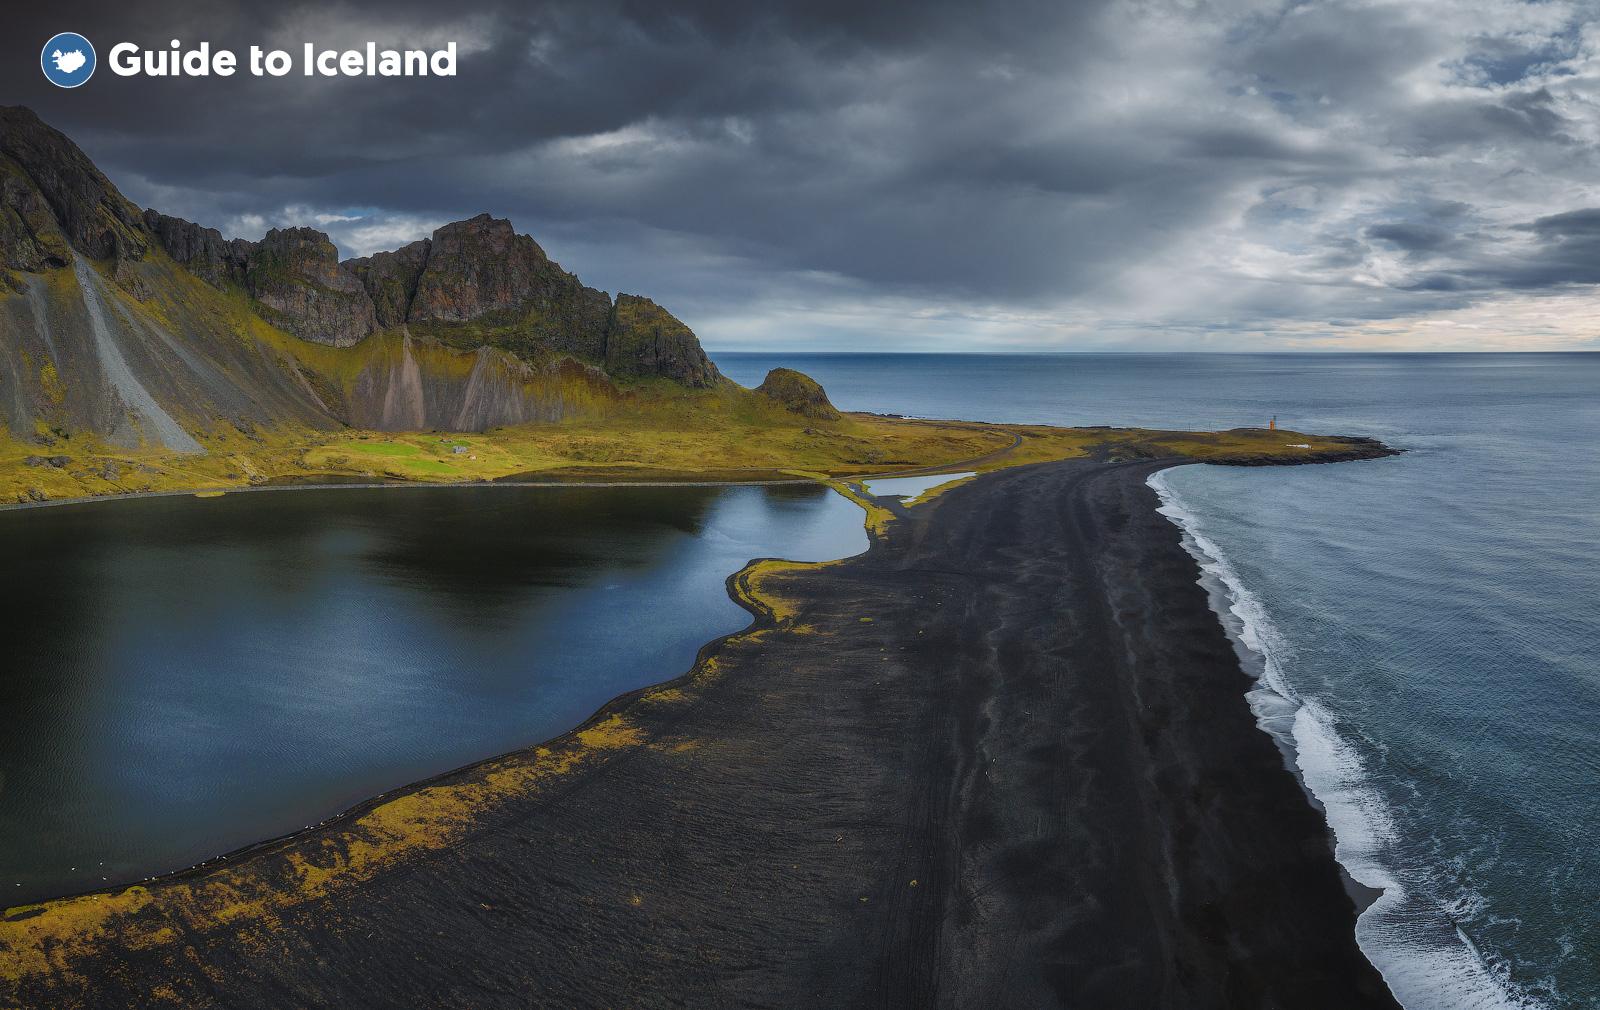 アイスランドのドラマチックなヴェストラホルン山を訪れる写真撮影ツアー